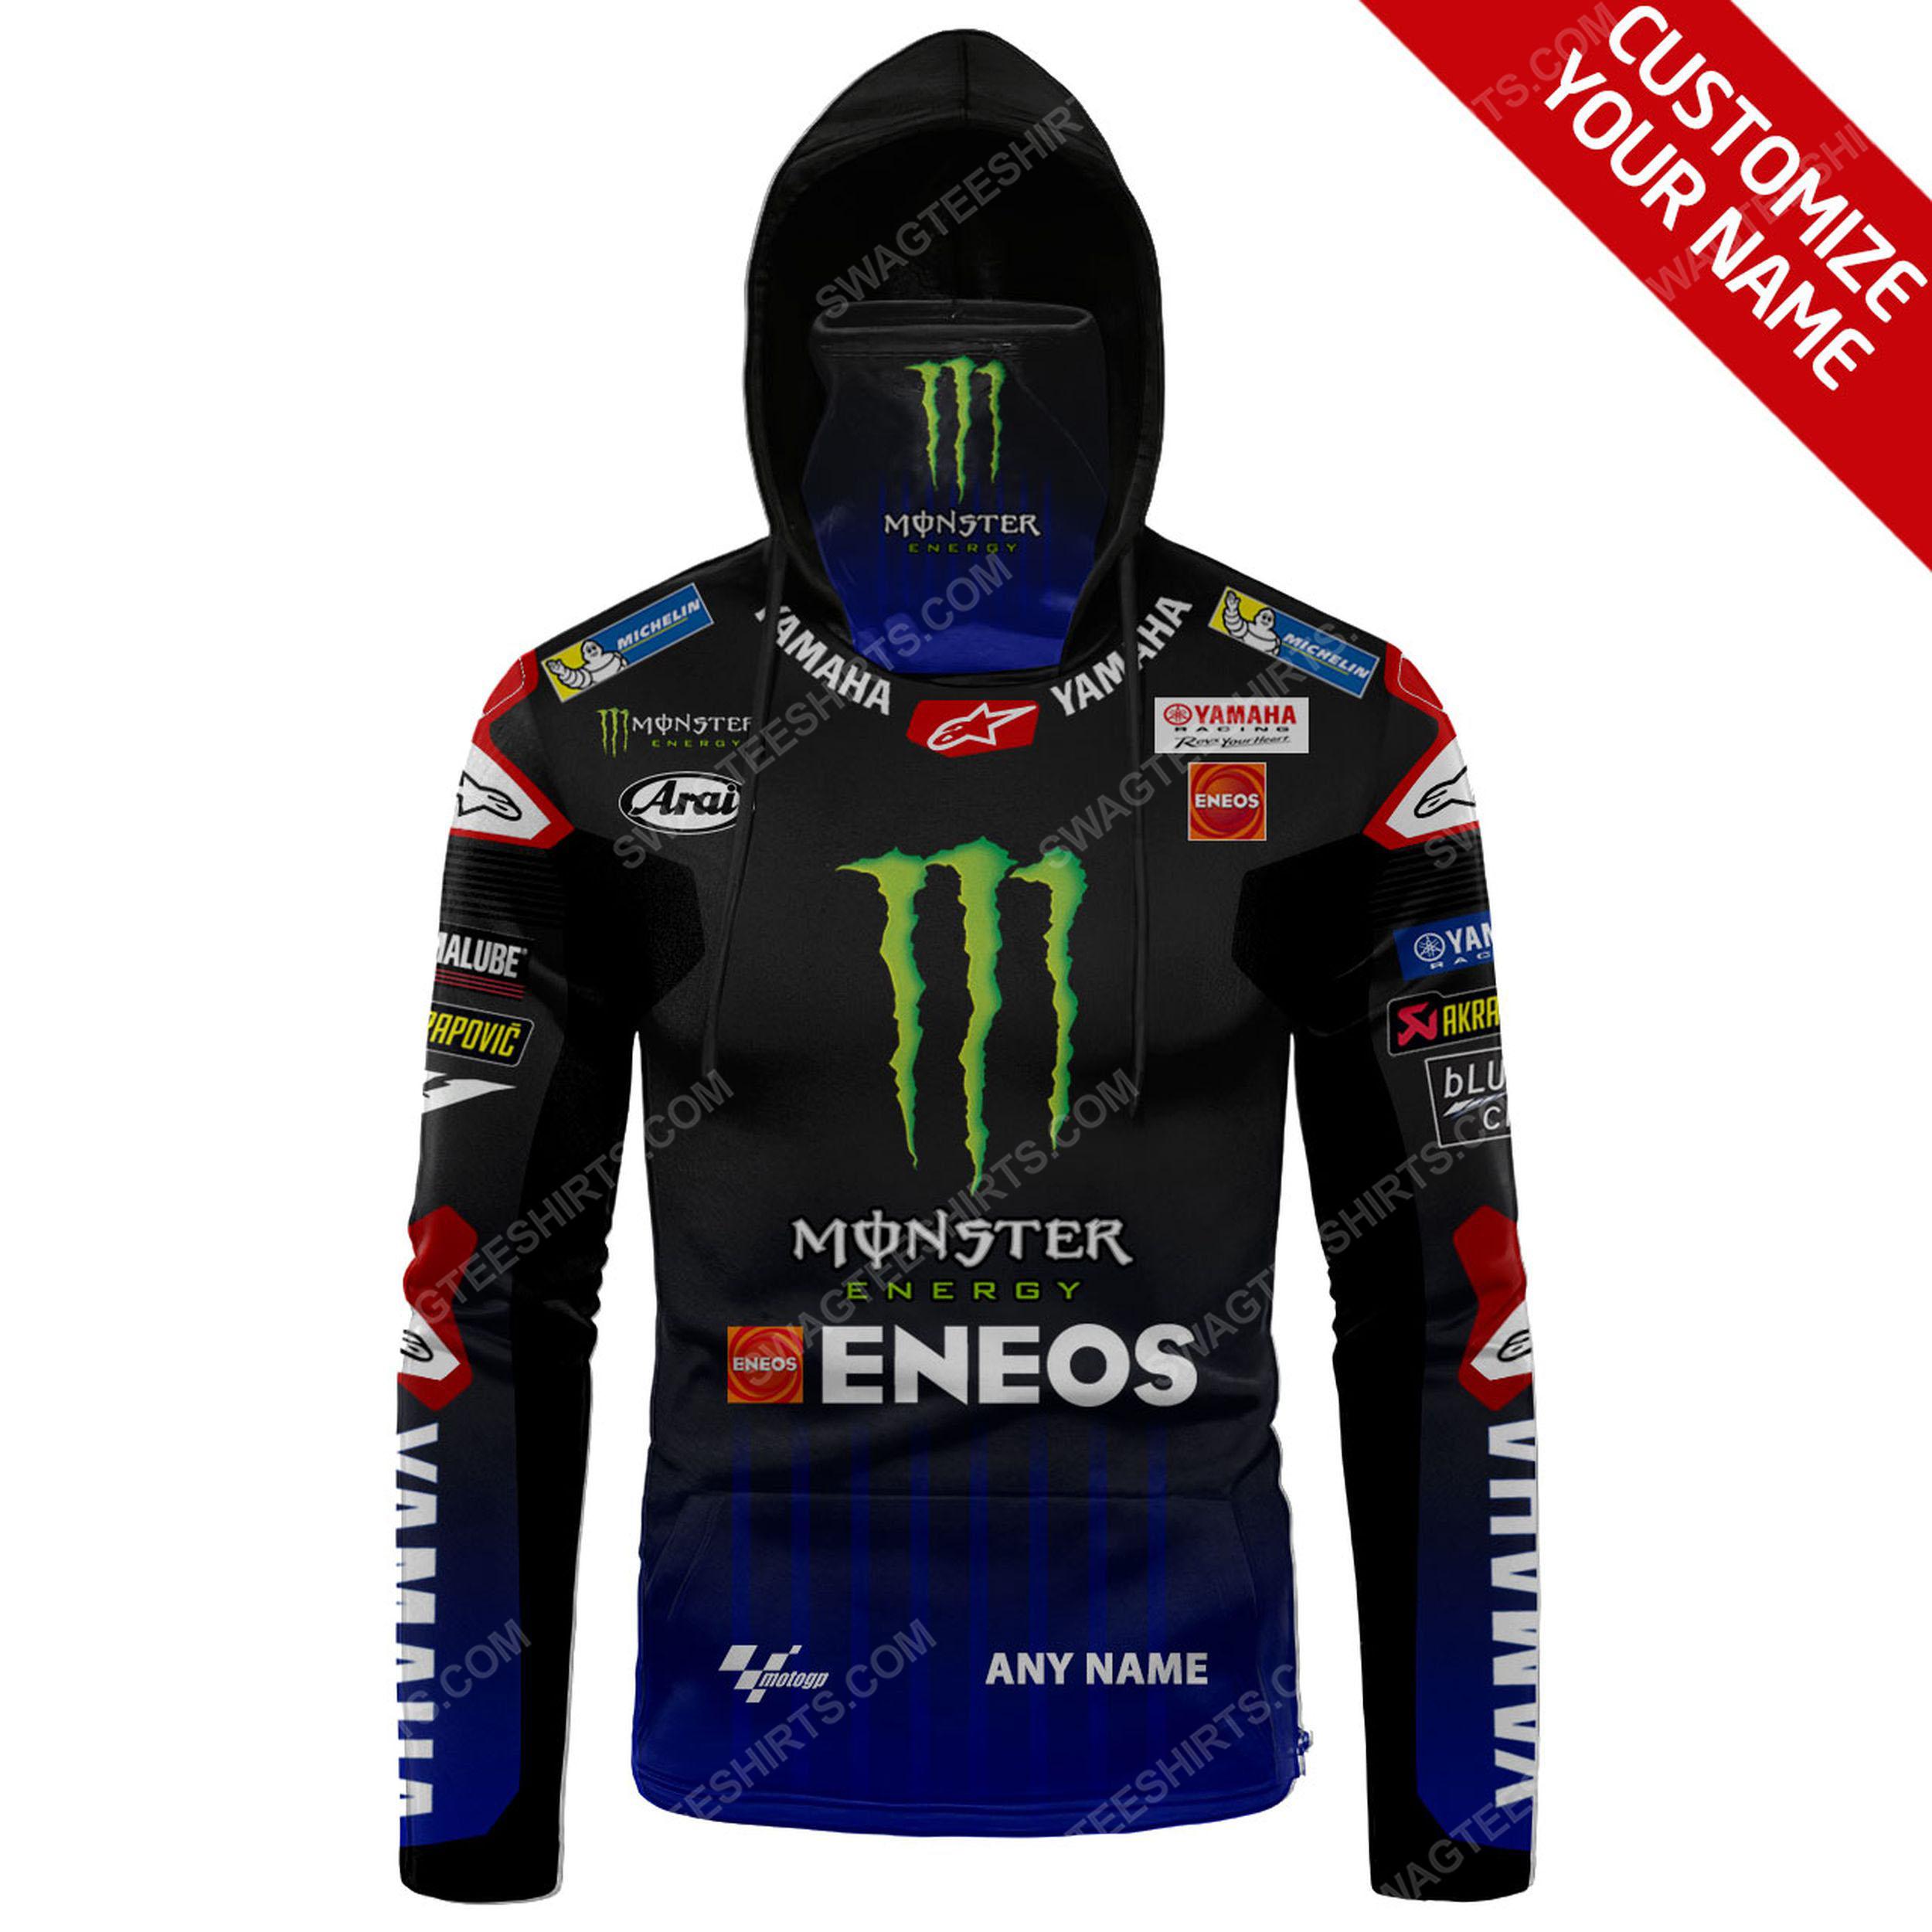 Custom name monster energy yamaha racing full print mask hoodie 2(1)